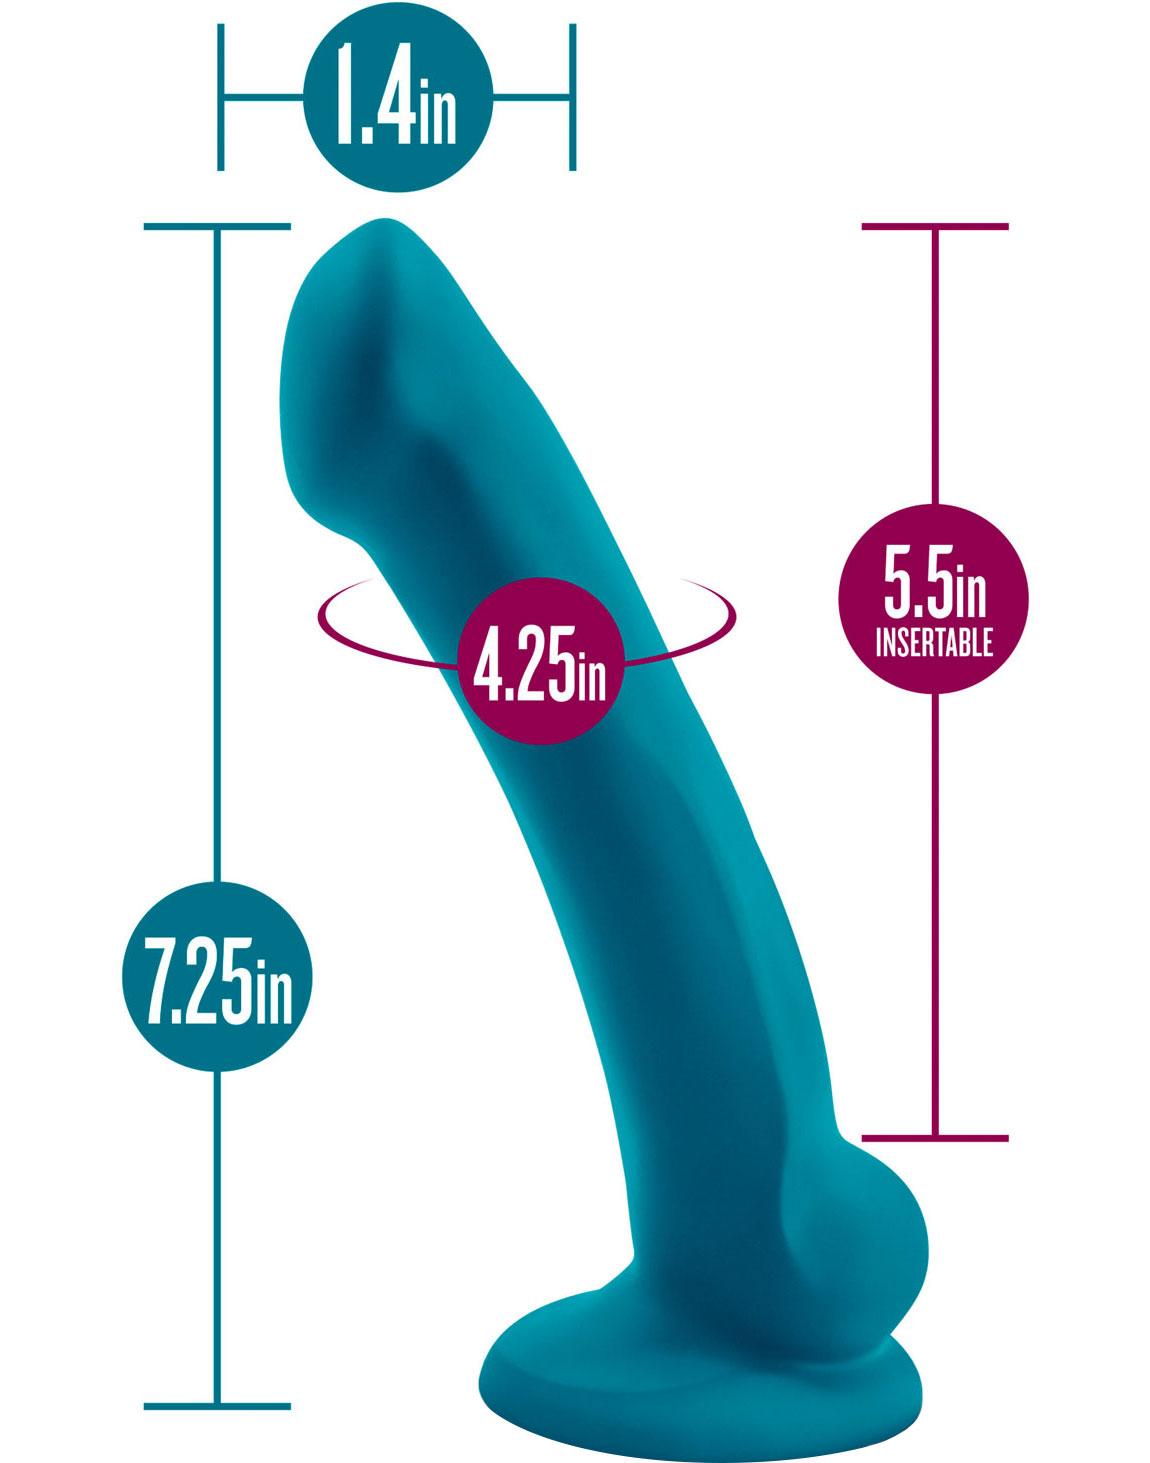 Temptasia Reina Silicone Dildo - Measurement